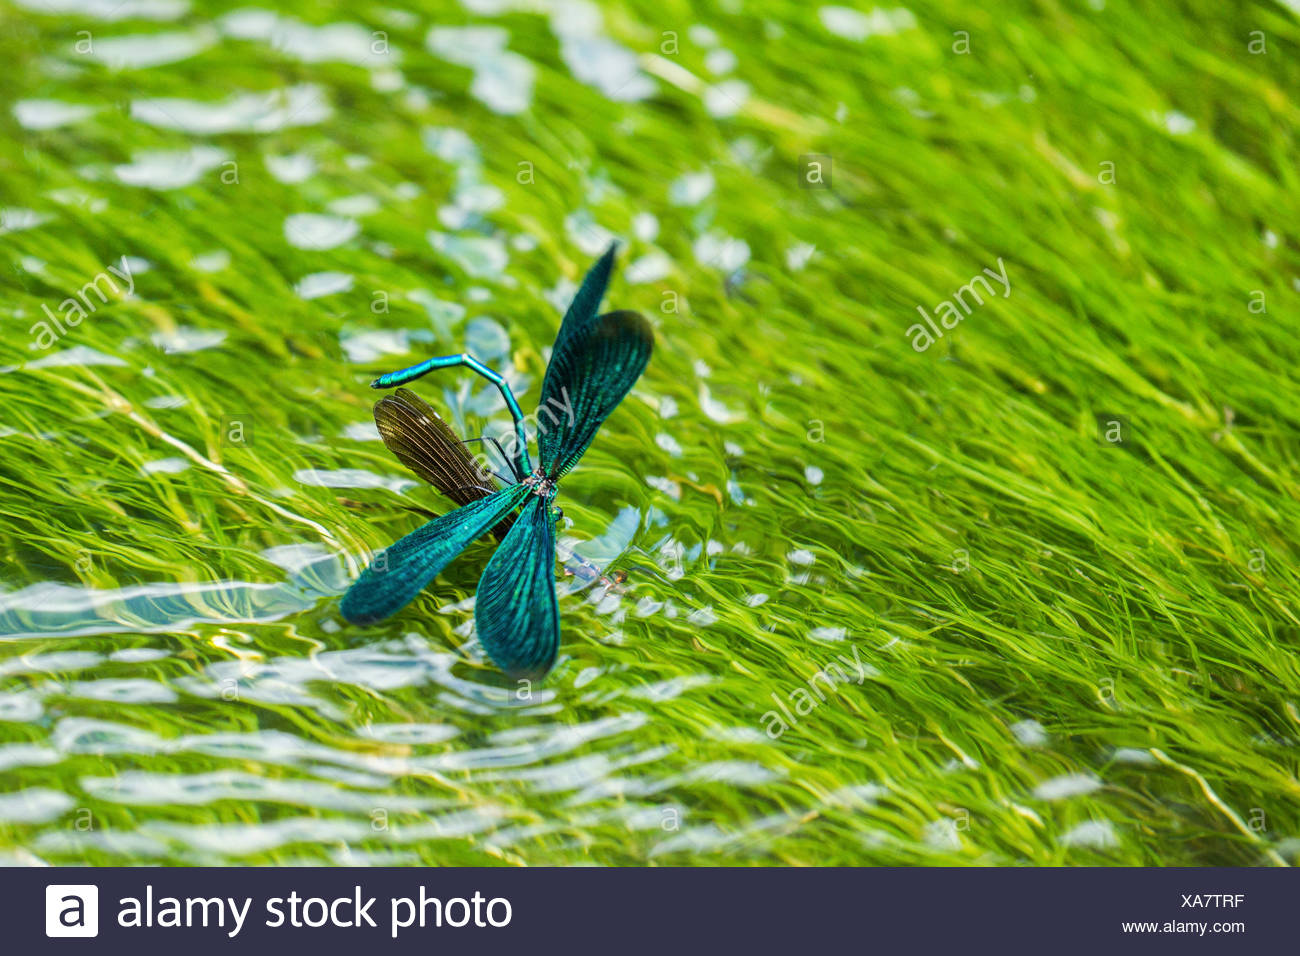 Blaufluegel-Prachtlibelle, Blaufluegelprachtlibelle (Calopteryx virgo), Weibchen bei der Eiablage, bewacht von aufsitzendem Maen - Stock Image